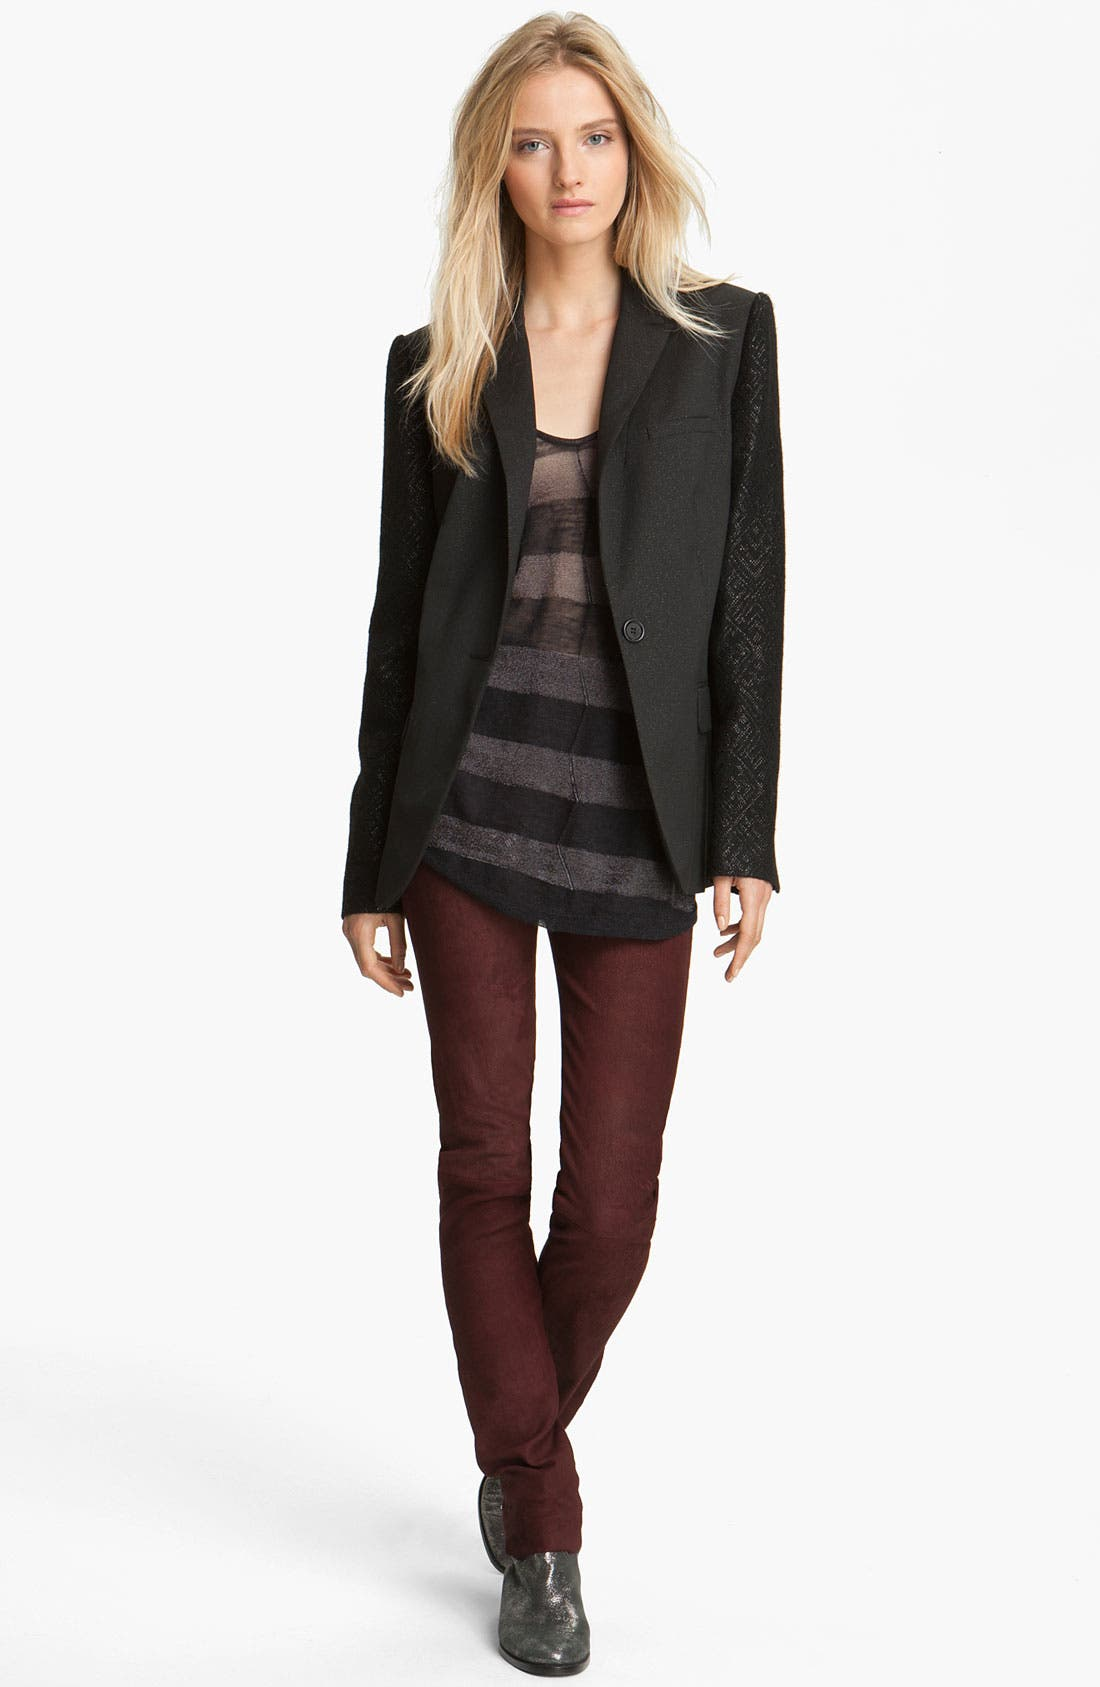 Main Image - Zadig & Voltaire 'Vanda' Textured Sleeve Jacket